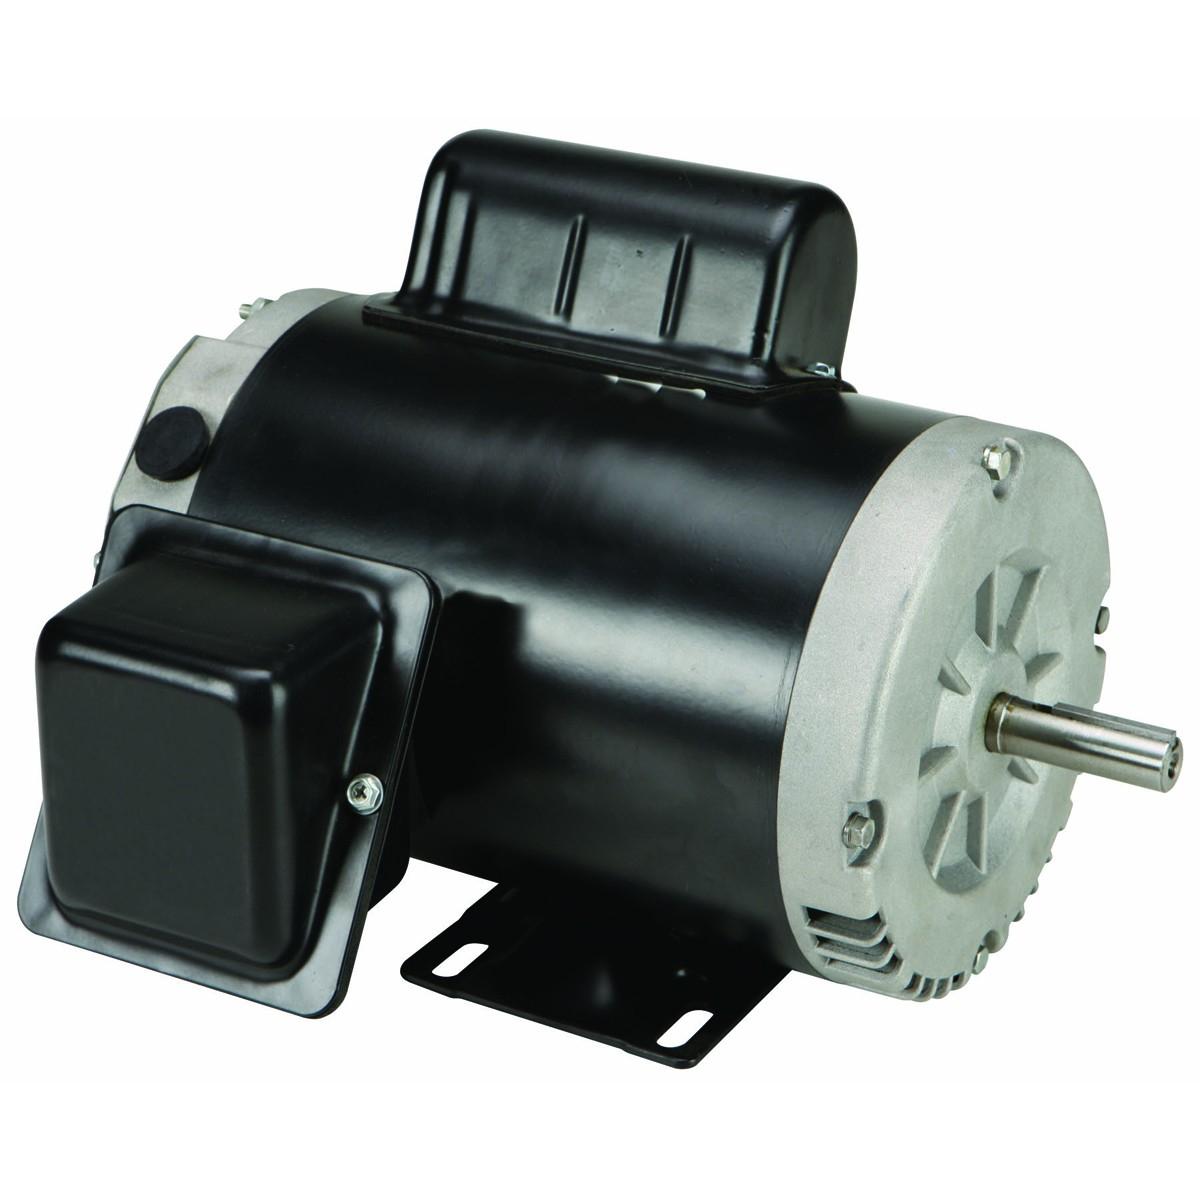 1/2 Hp General Purpose Electric Motor - Smith And Jones Electric Motors Wiring Diagram